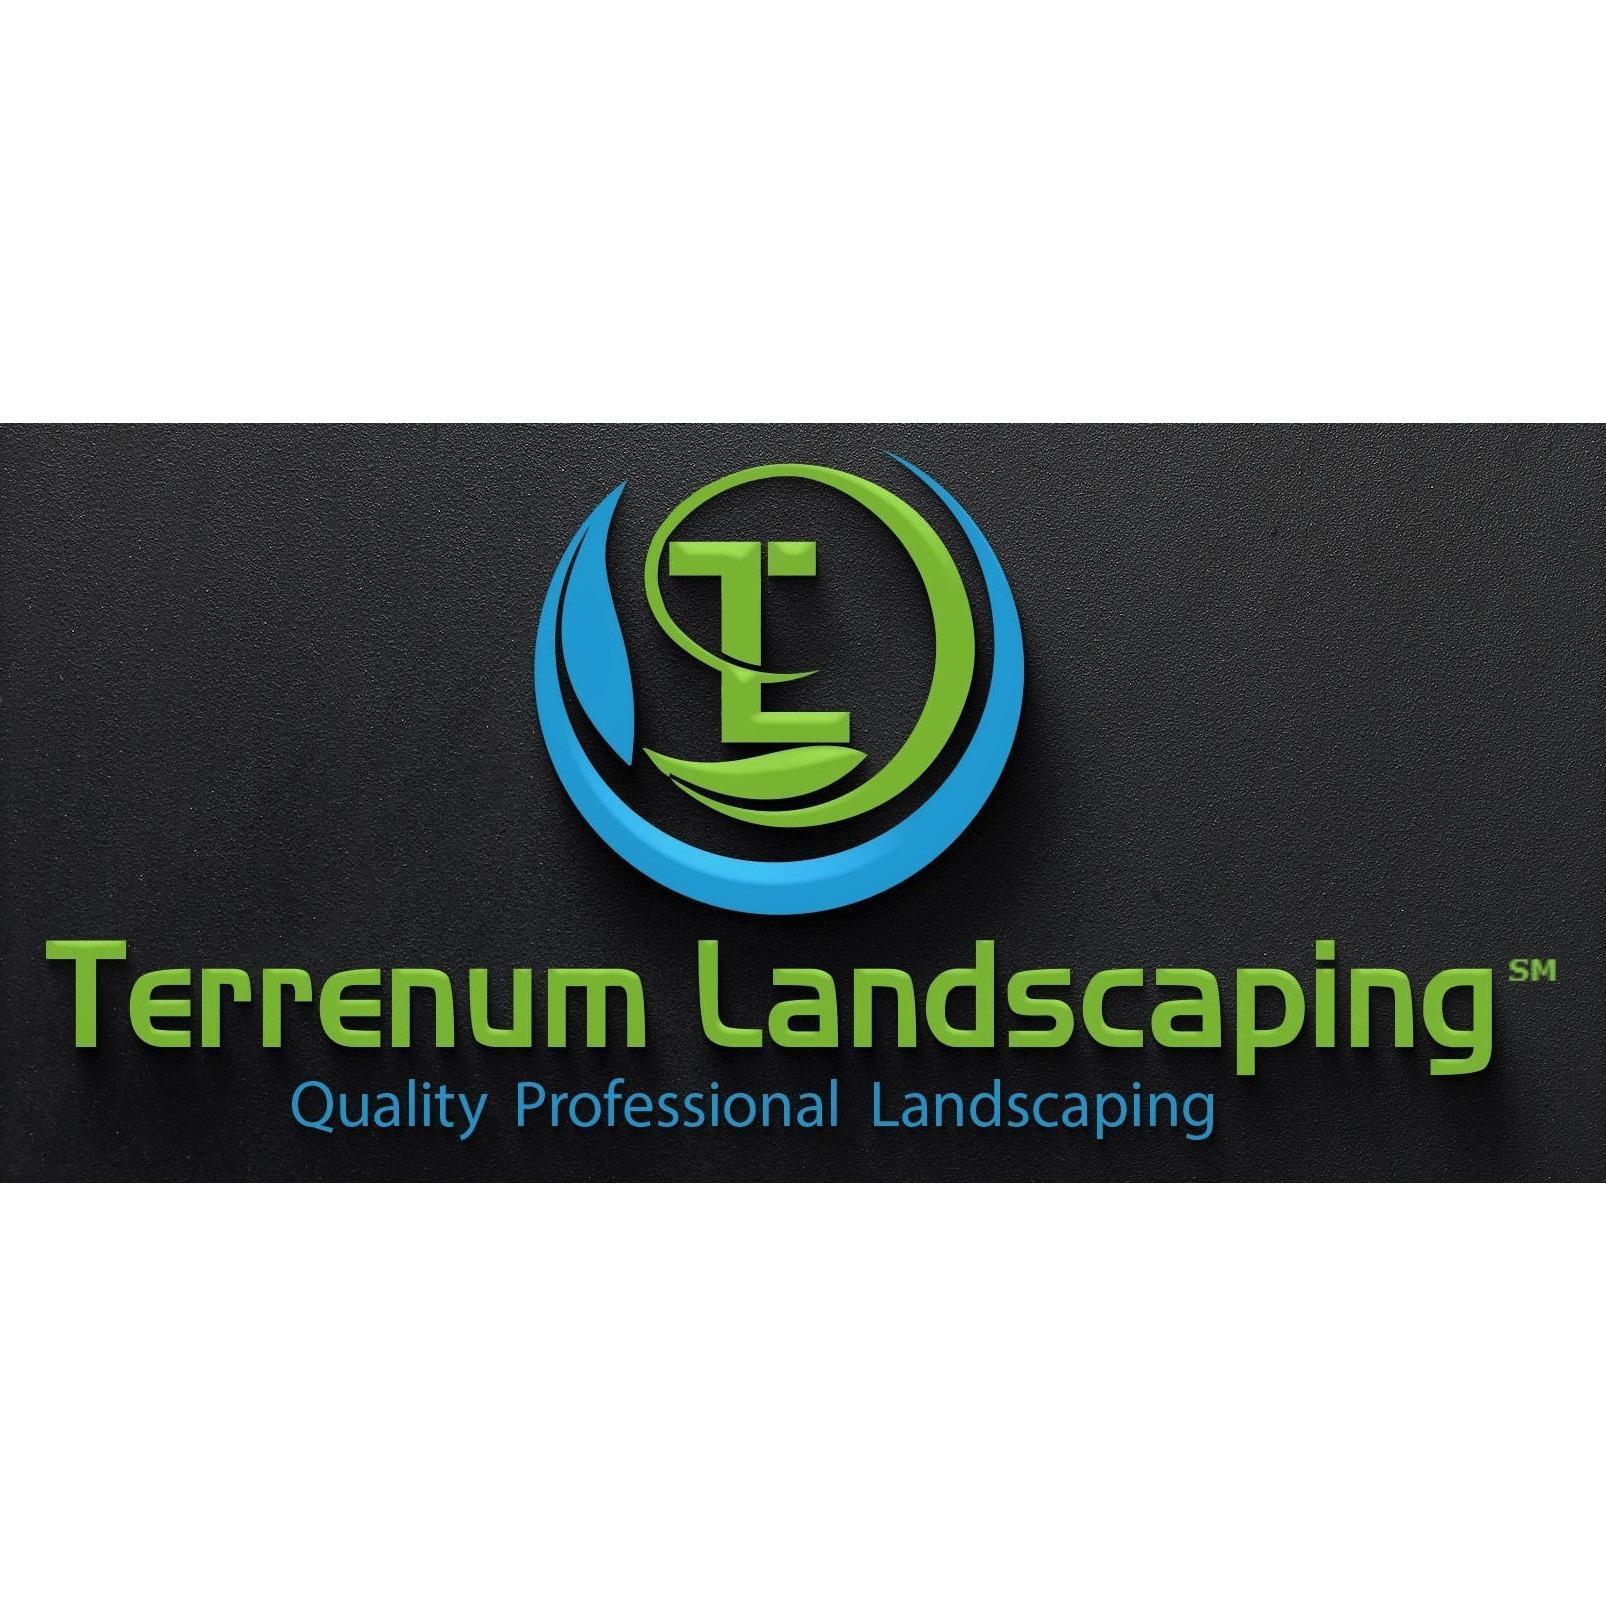 Terrenum Landscaping